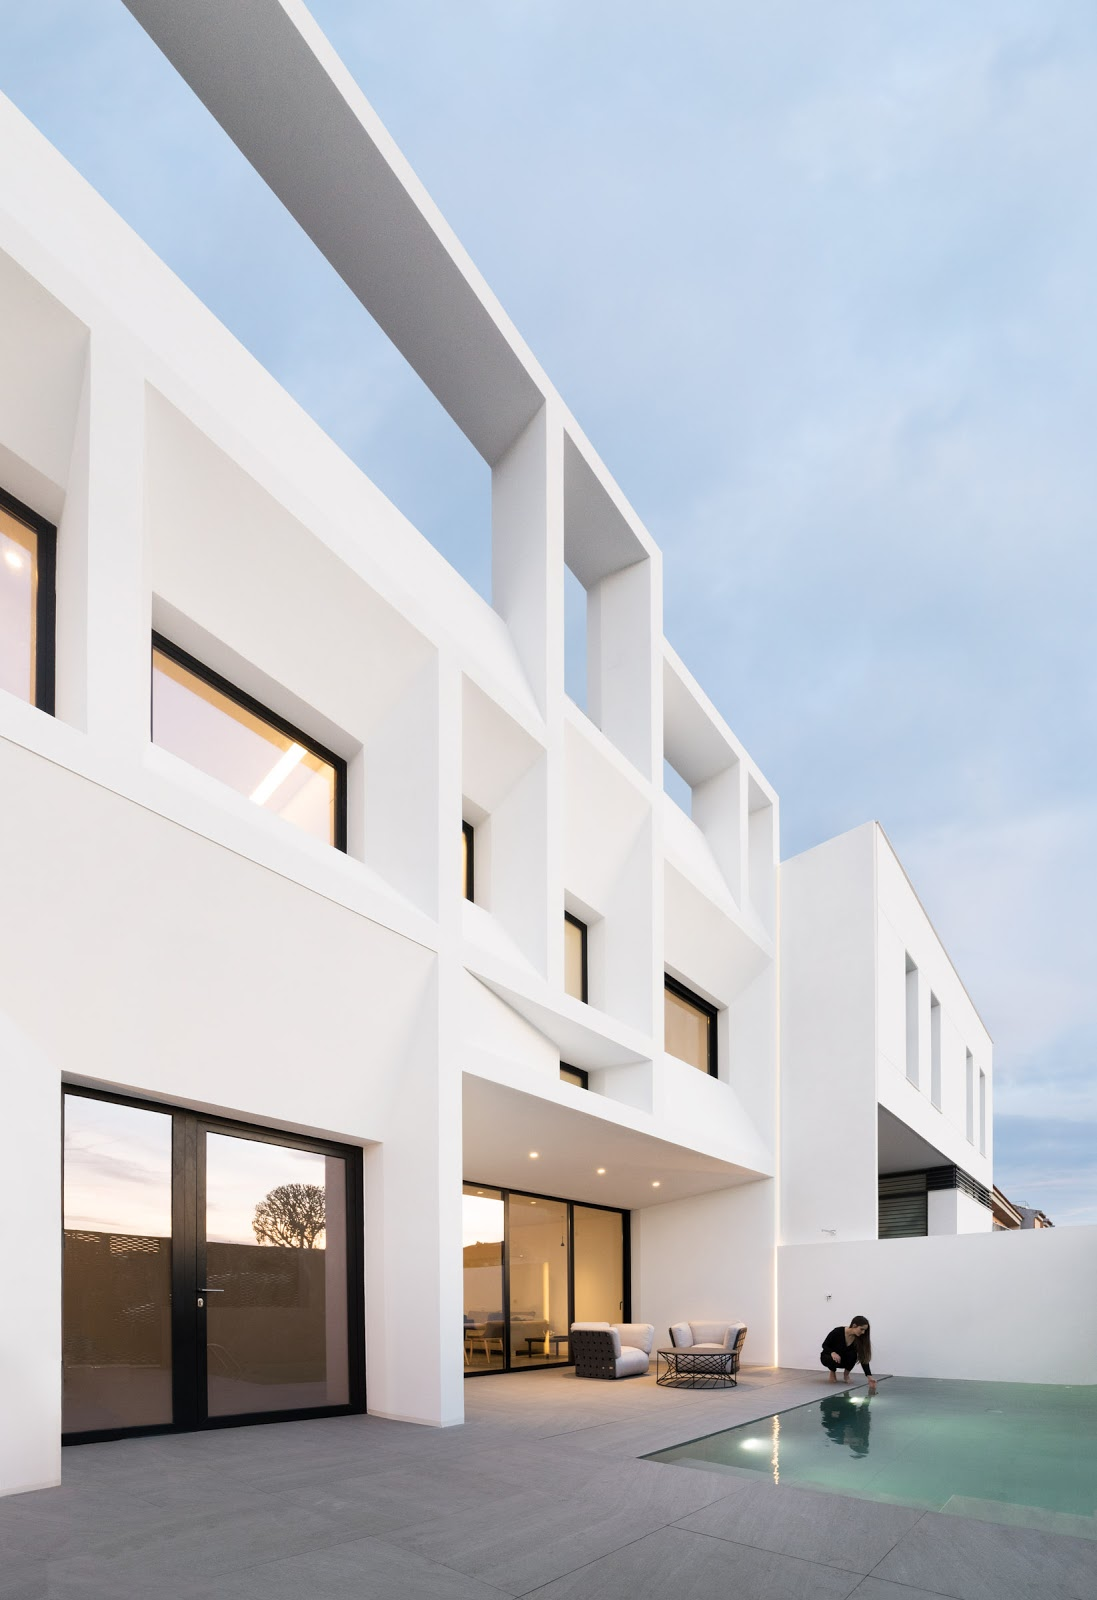 Arquitectos valencia ruben muedra estudio de - Viviendas en picanya ...